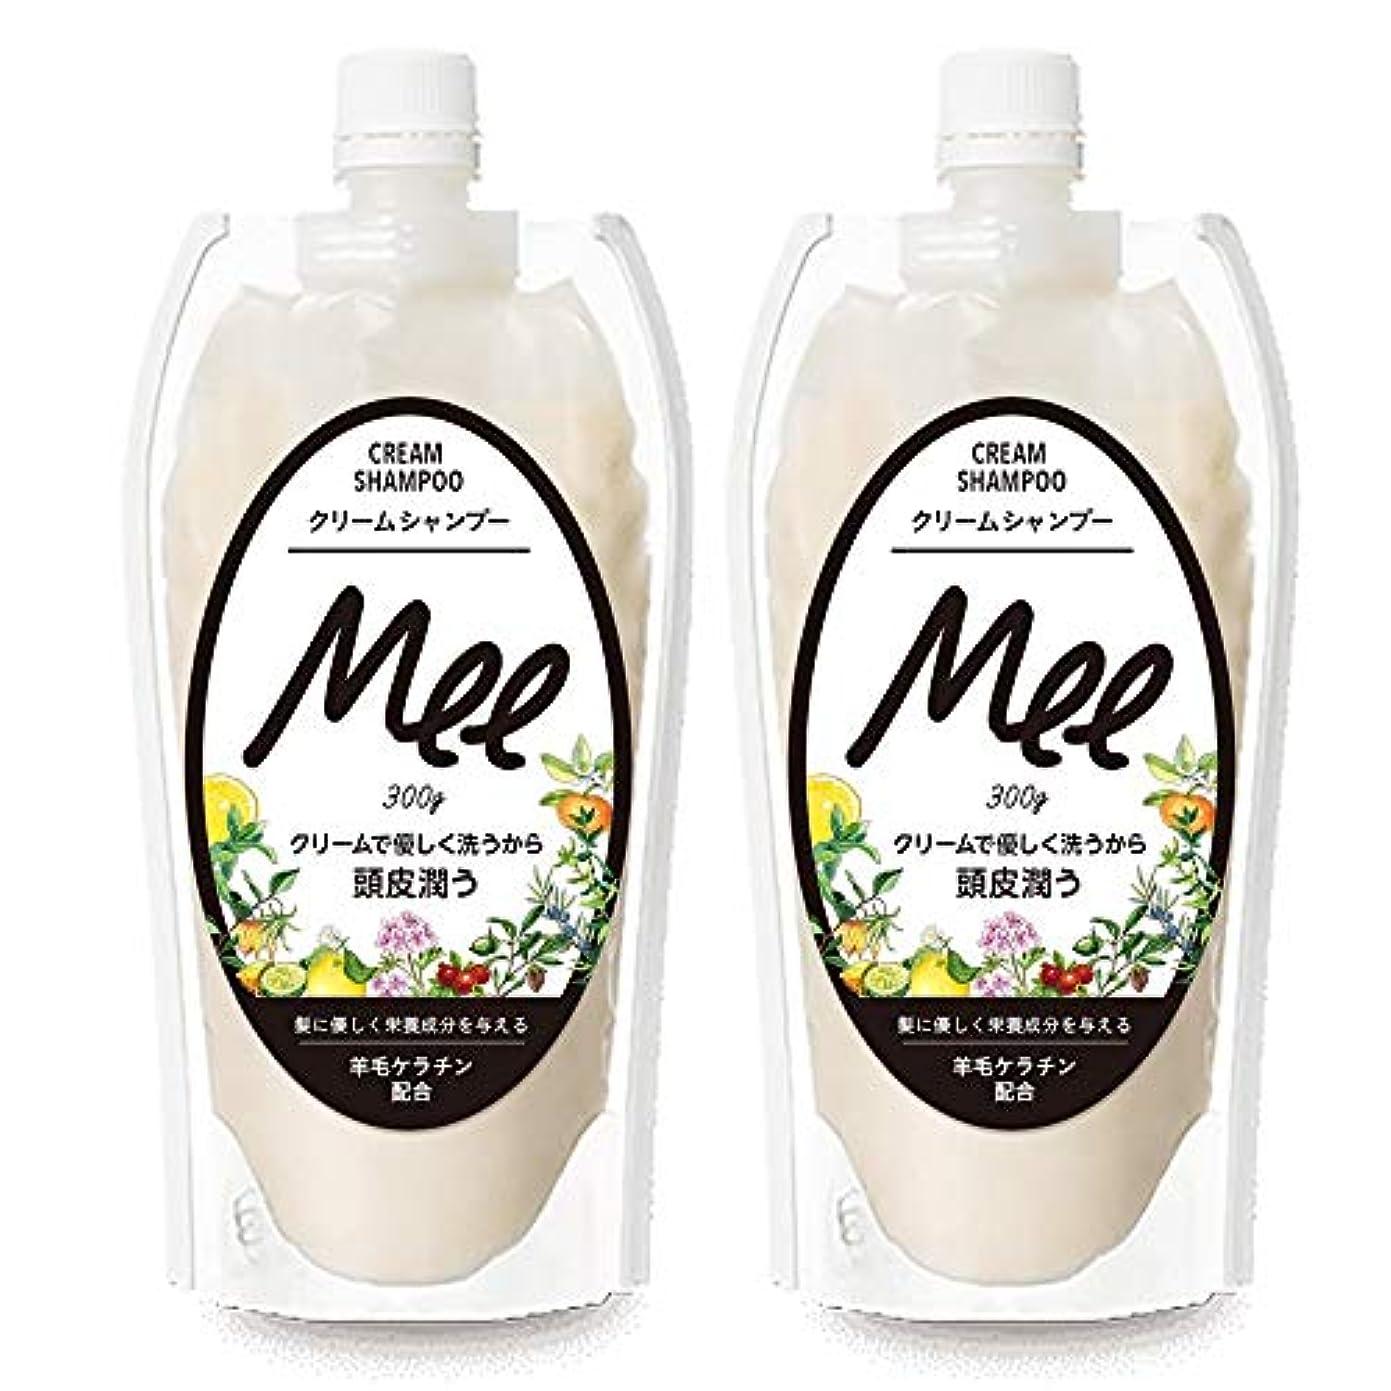 鉄願う書き出すまとめ買い【2個組】 NEW!! 洗えるトリートメントMEE Mee 300g×2個SET クリームシャンプー 皮脂 乾燥肌 ダメージケア 大容量 時短 フケ かゆみ